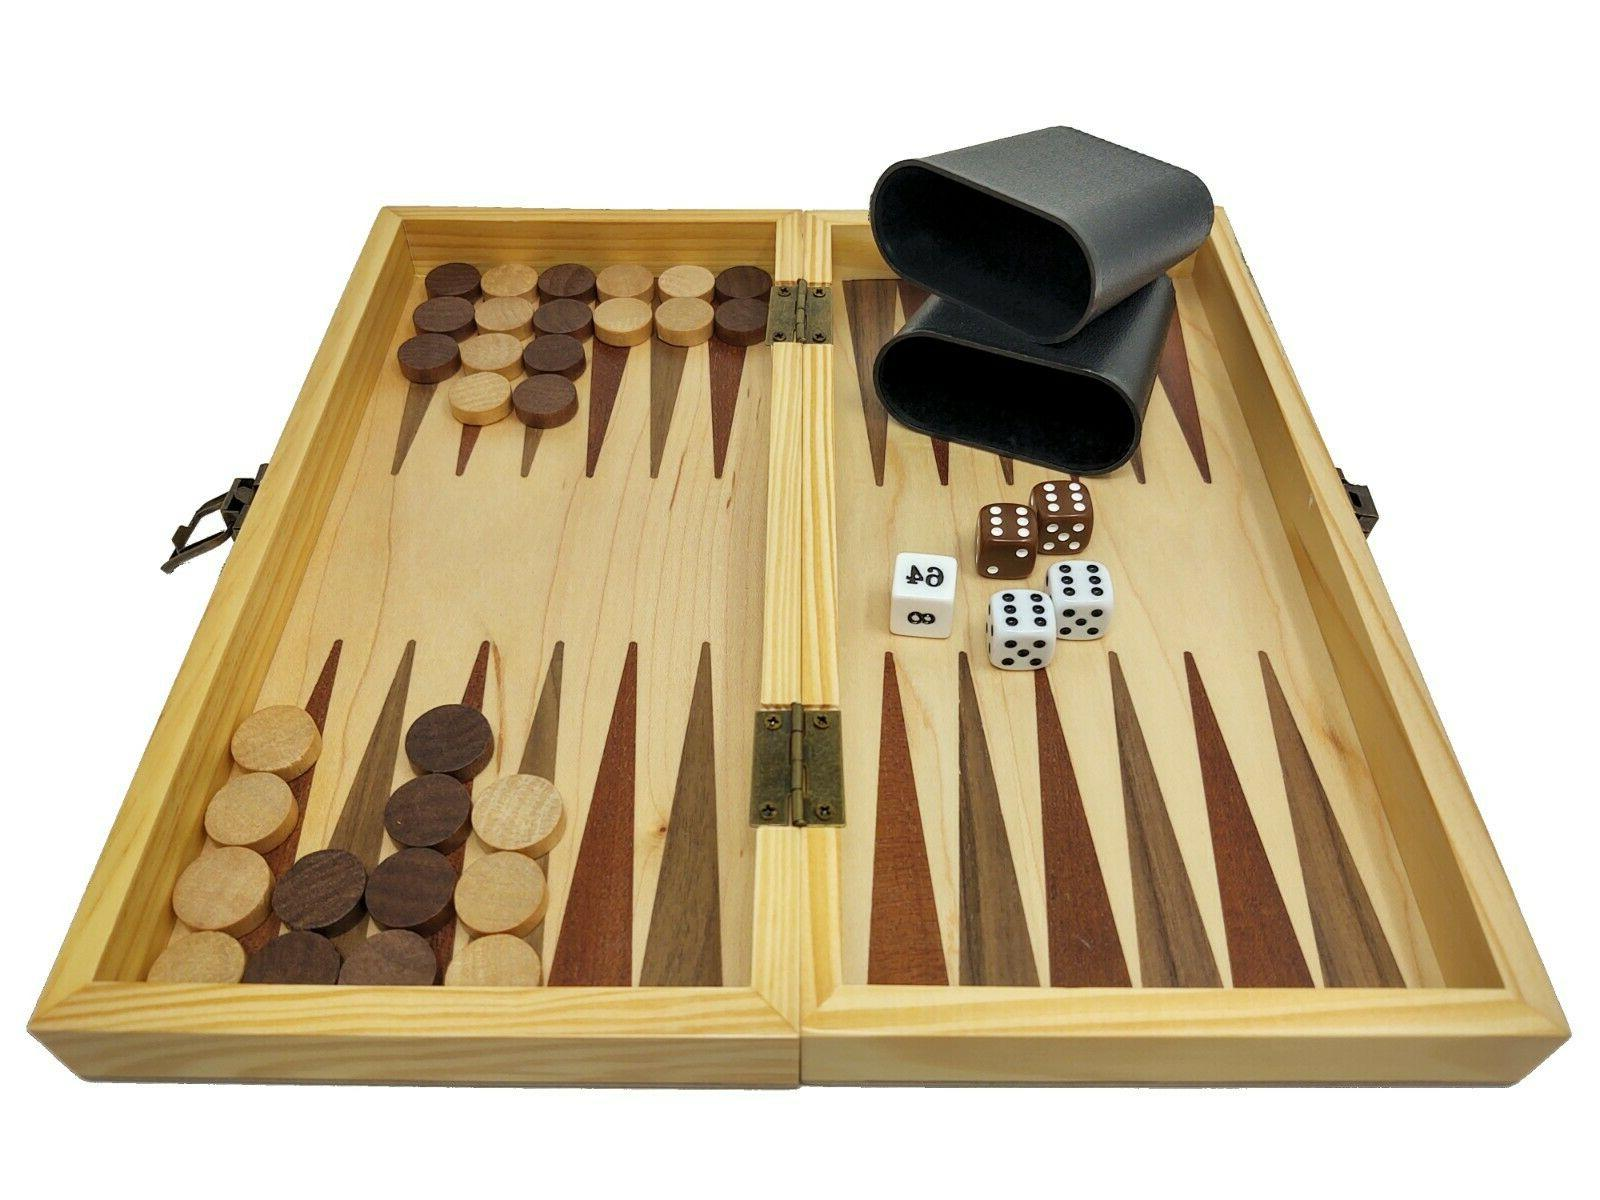 DA VINCI 3-in-1 Combination Chess, and Backgammon Game